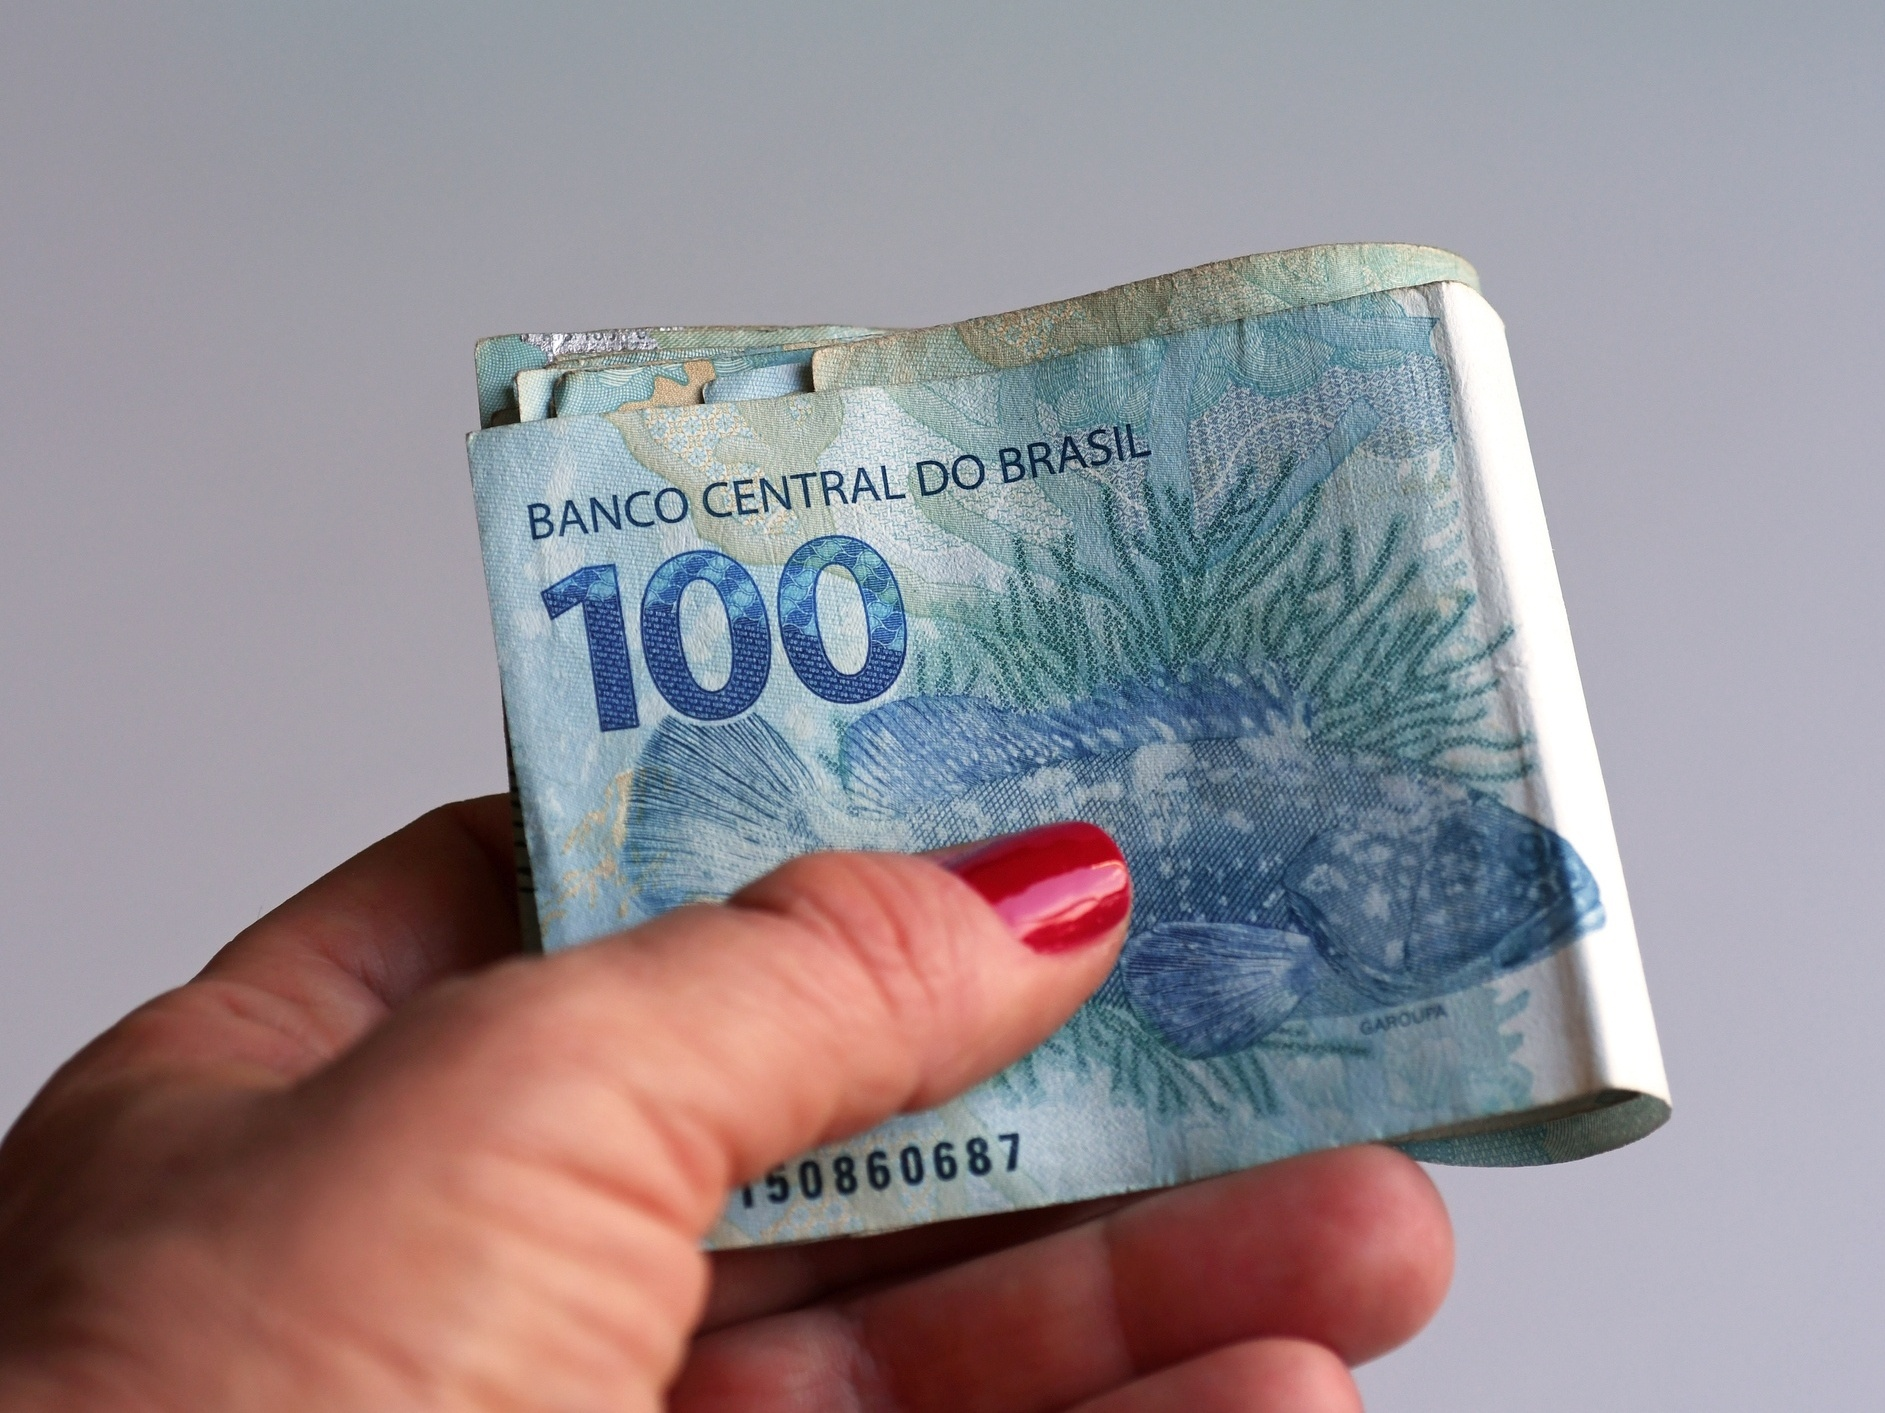 Veja 4 planos para juntar dinheiro forçadamente desde o 1 salário